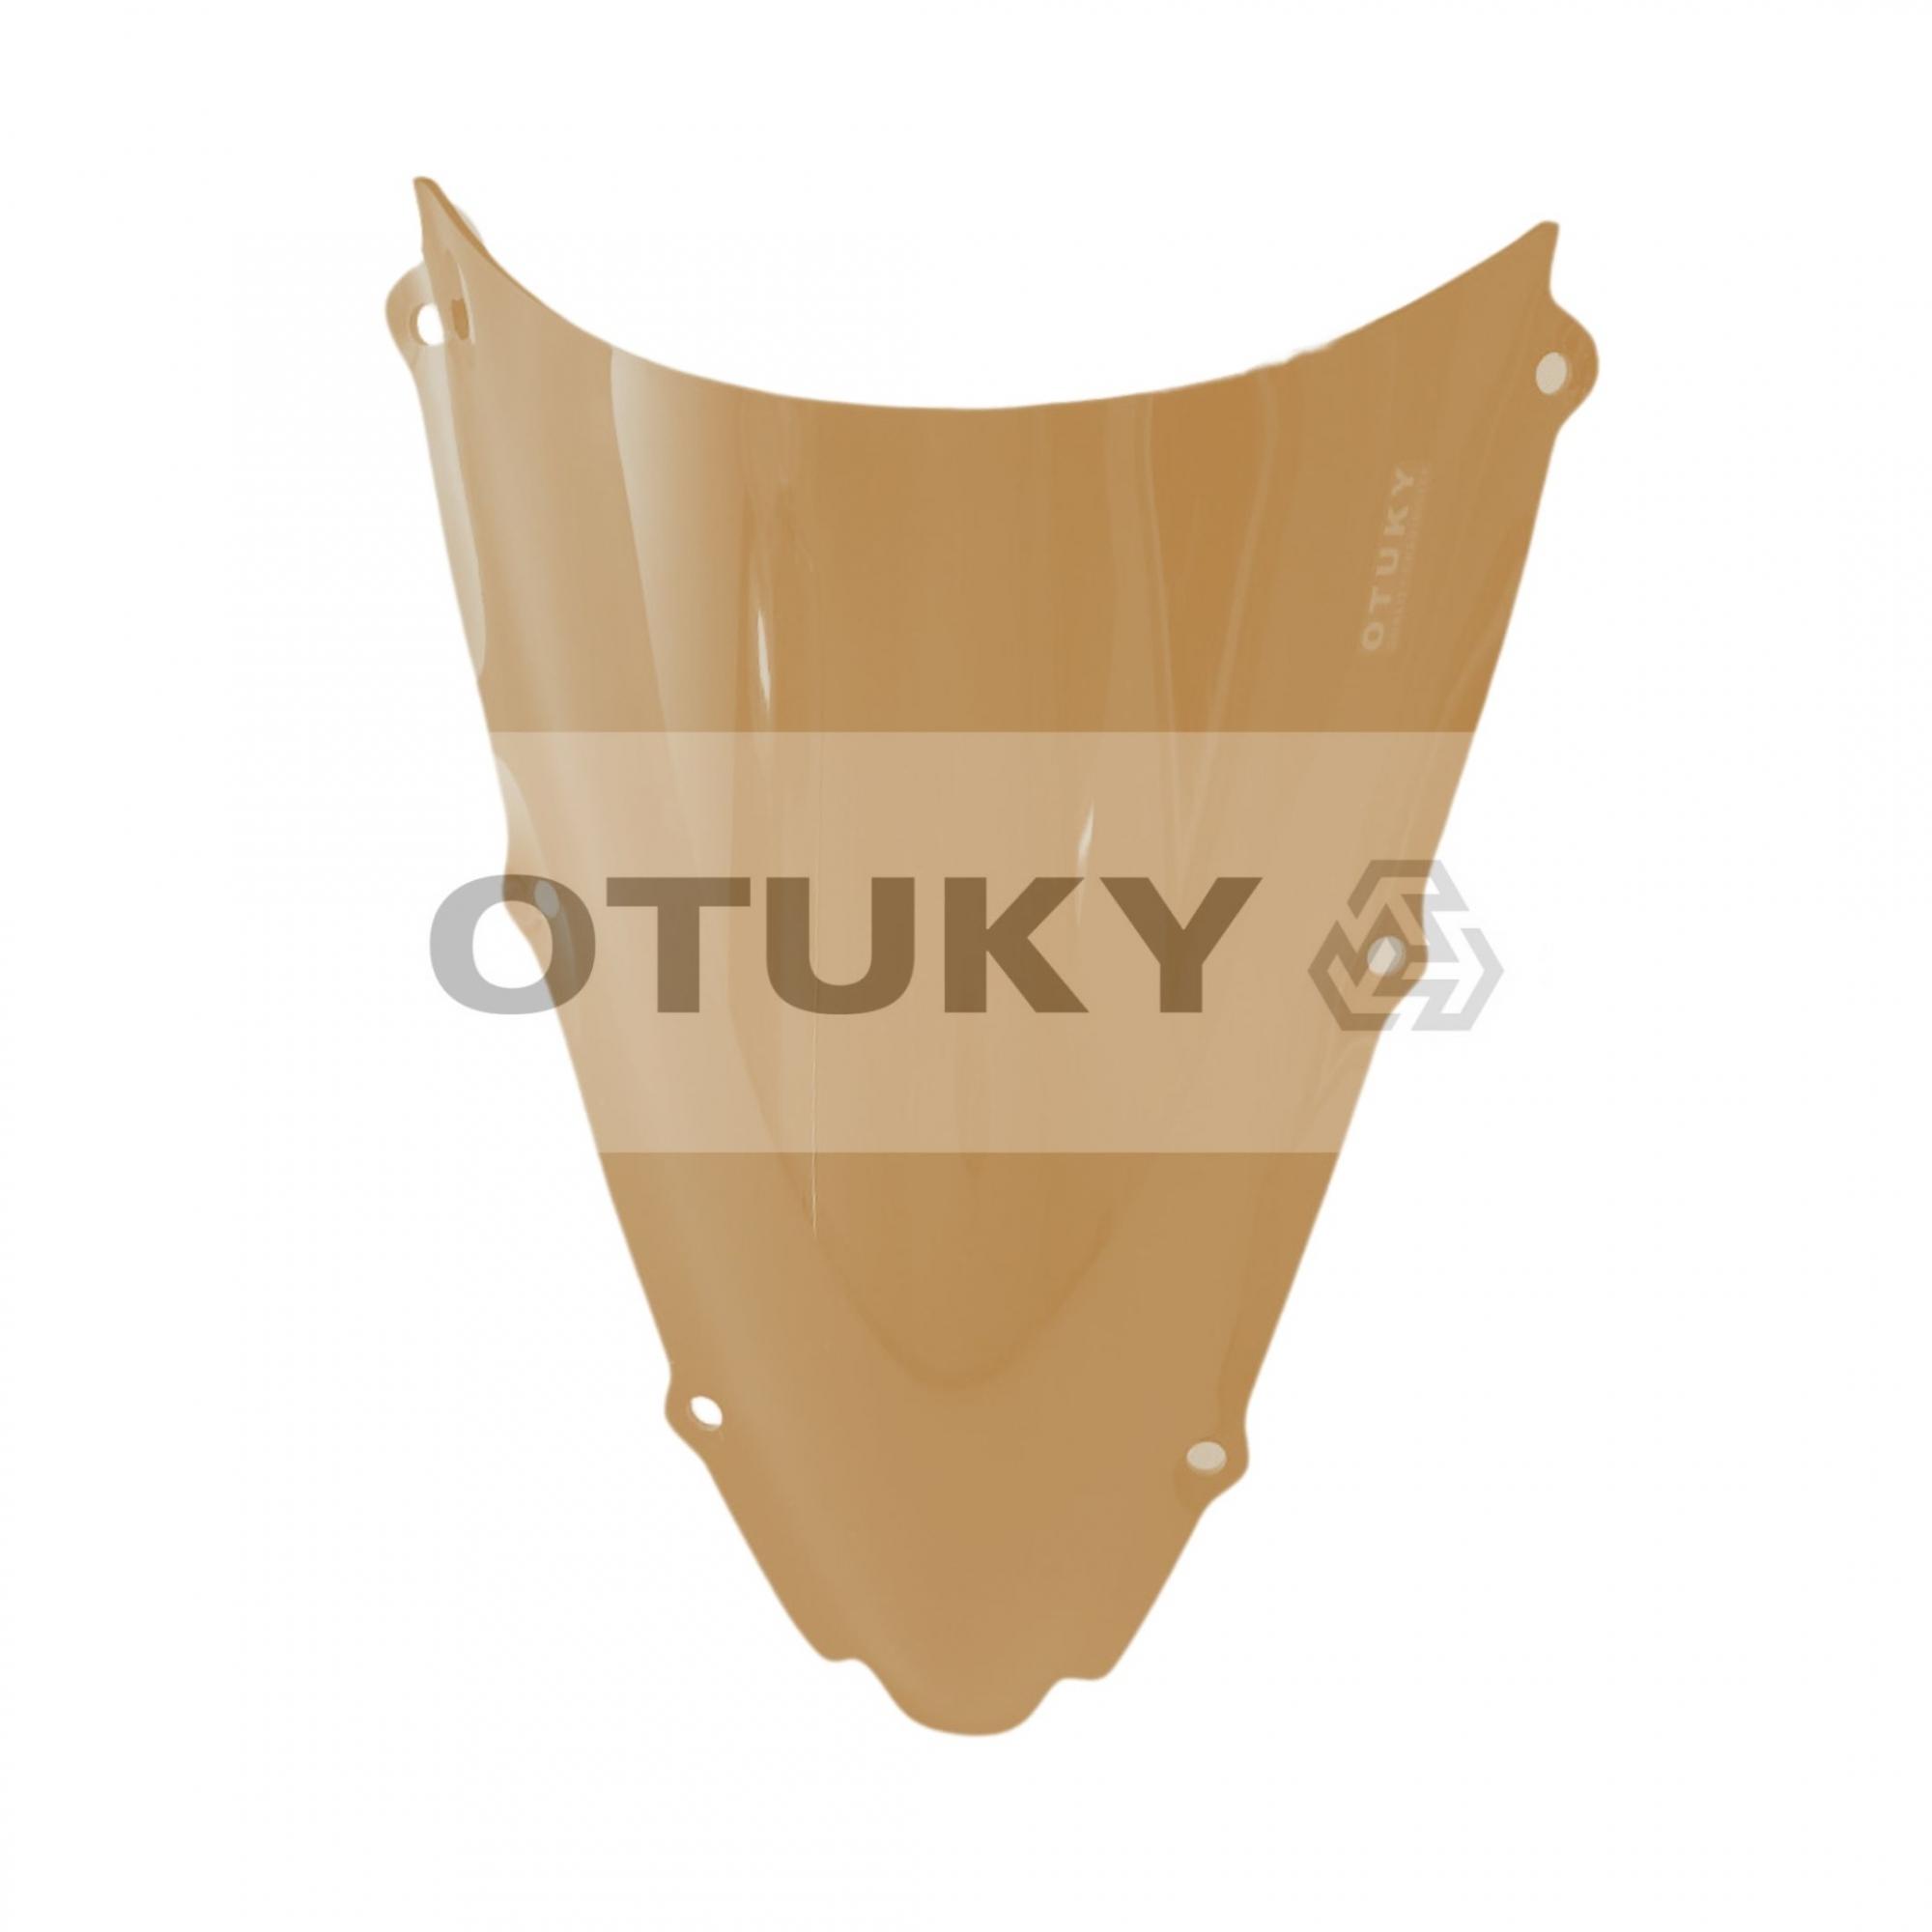 Bolha para Moto YZF R1 2000 2001 2002 Otuky